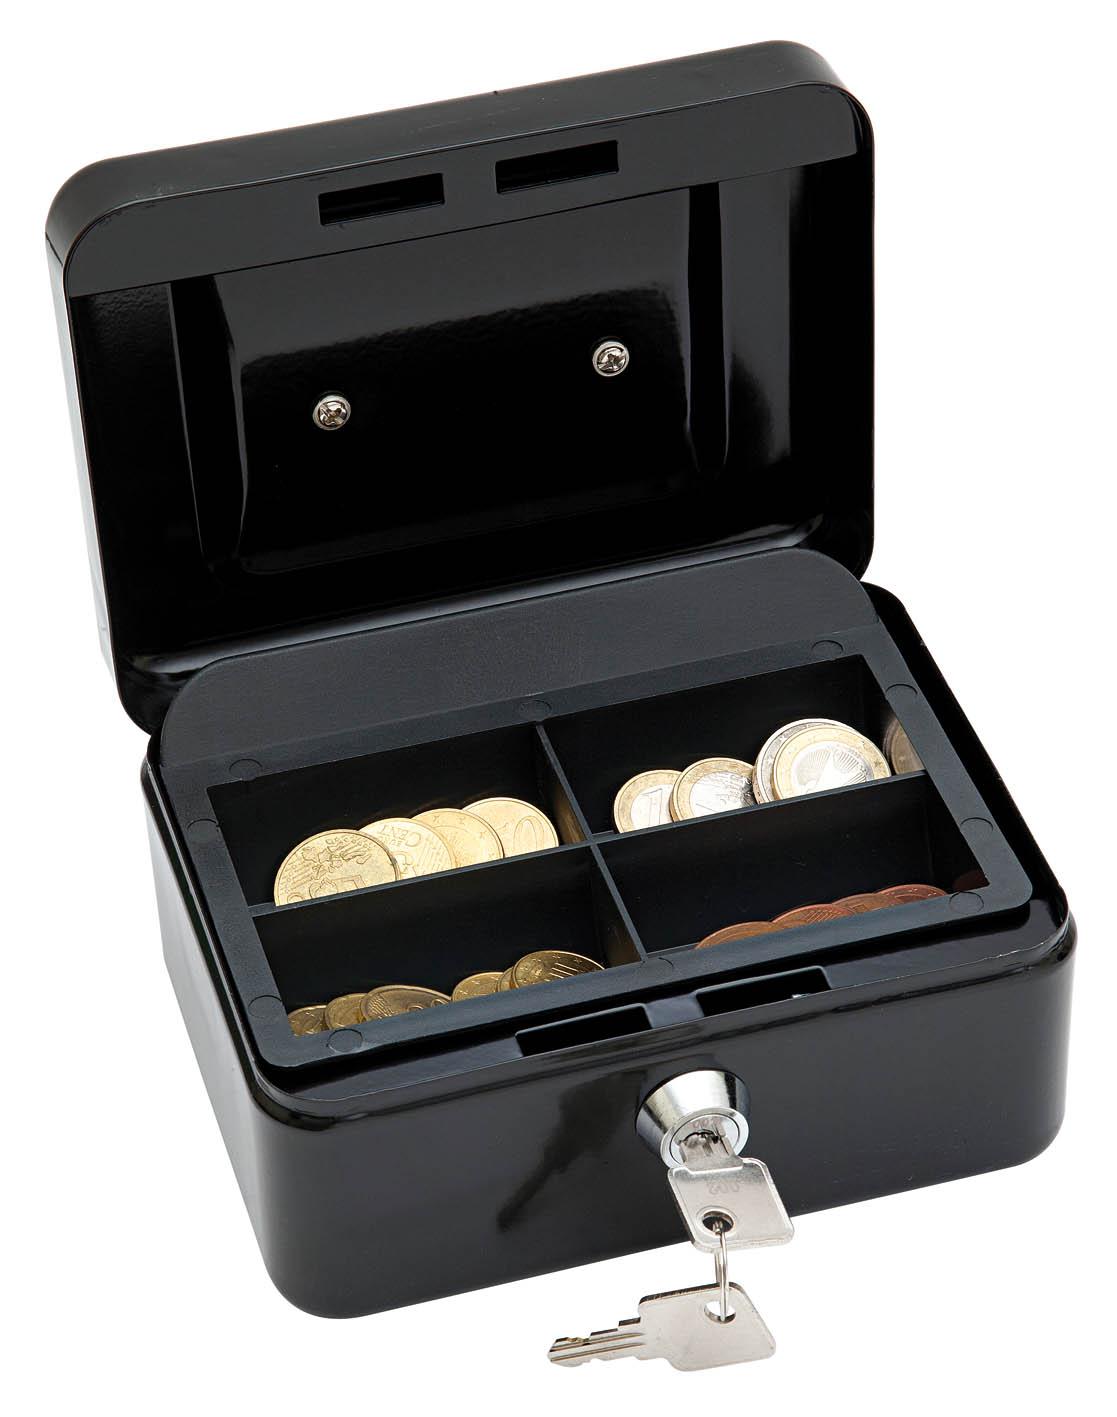 Naudas kaste WEDO ar izmēru 152x115x80mm, melna